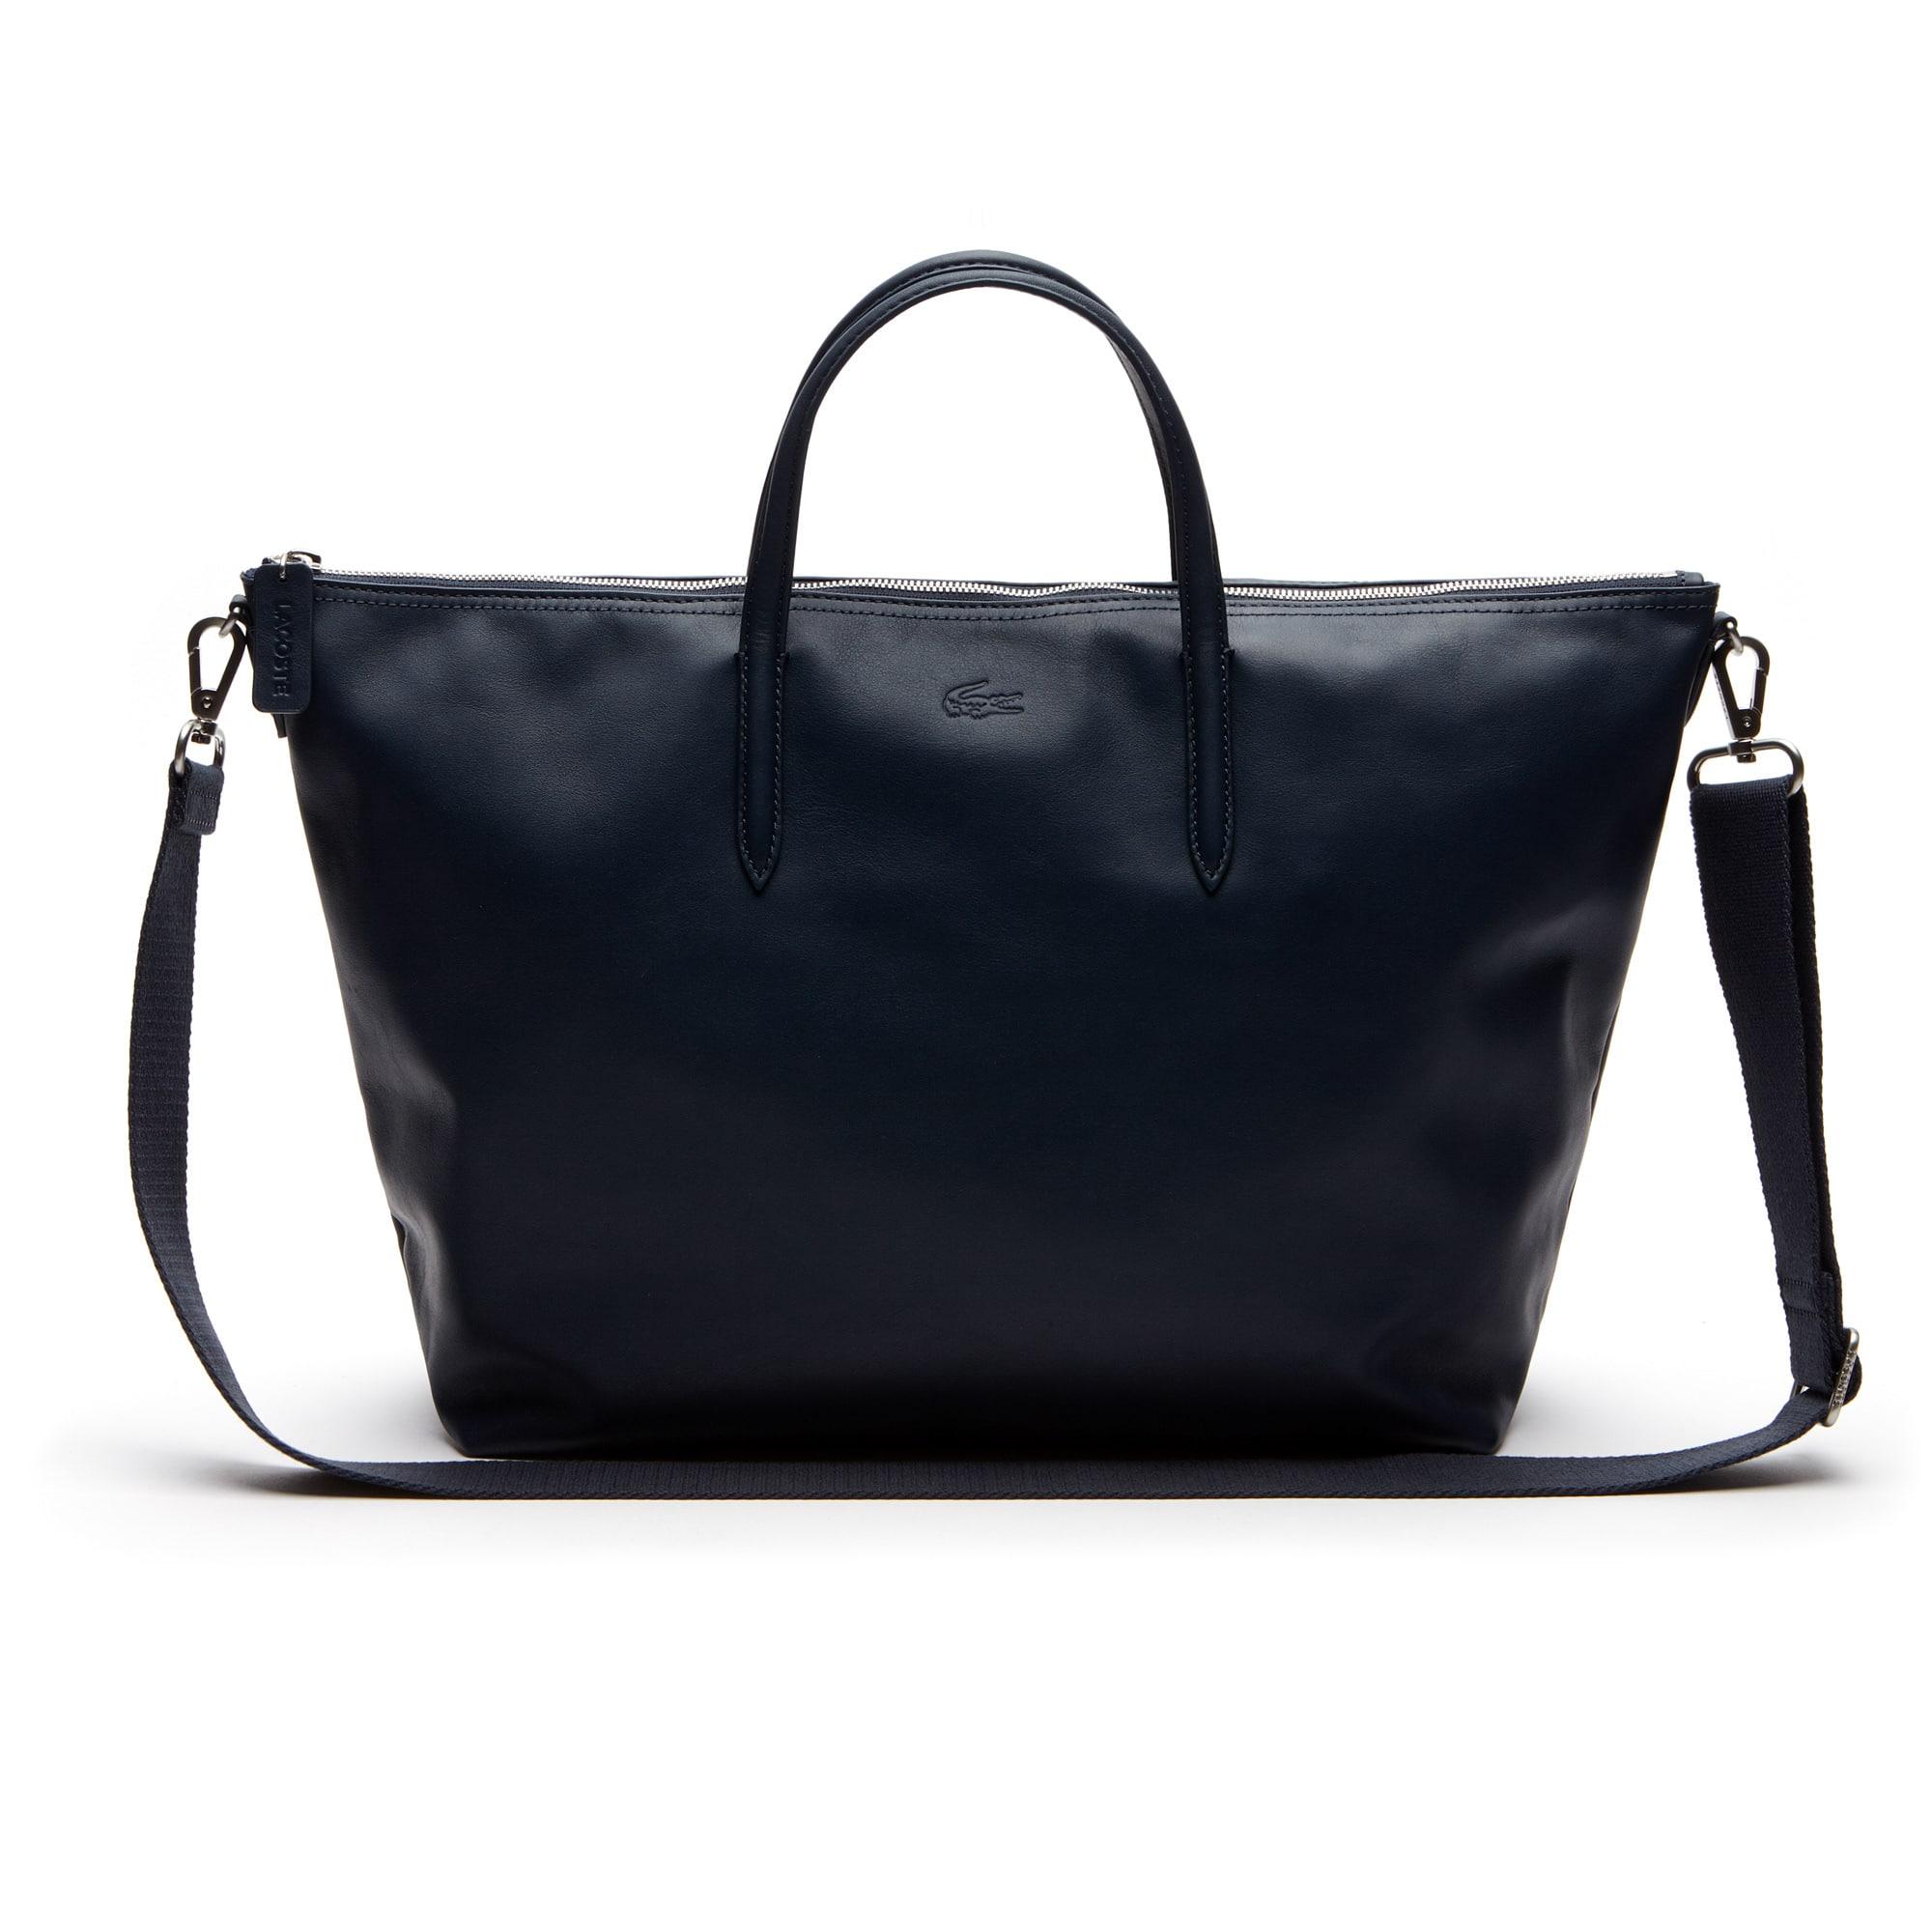 Shopping bag con zip L.12.12 Edizione limitata 85° anniversario in pelle morbida